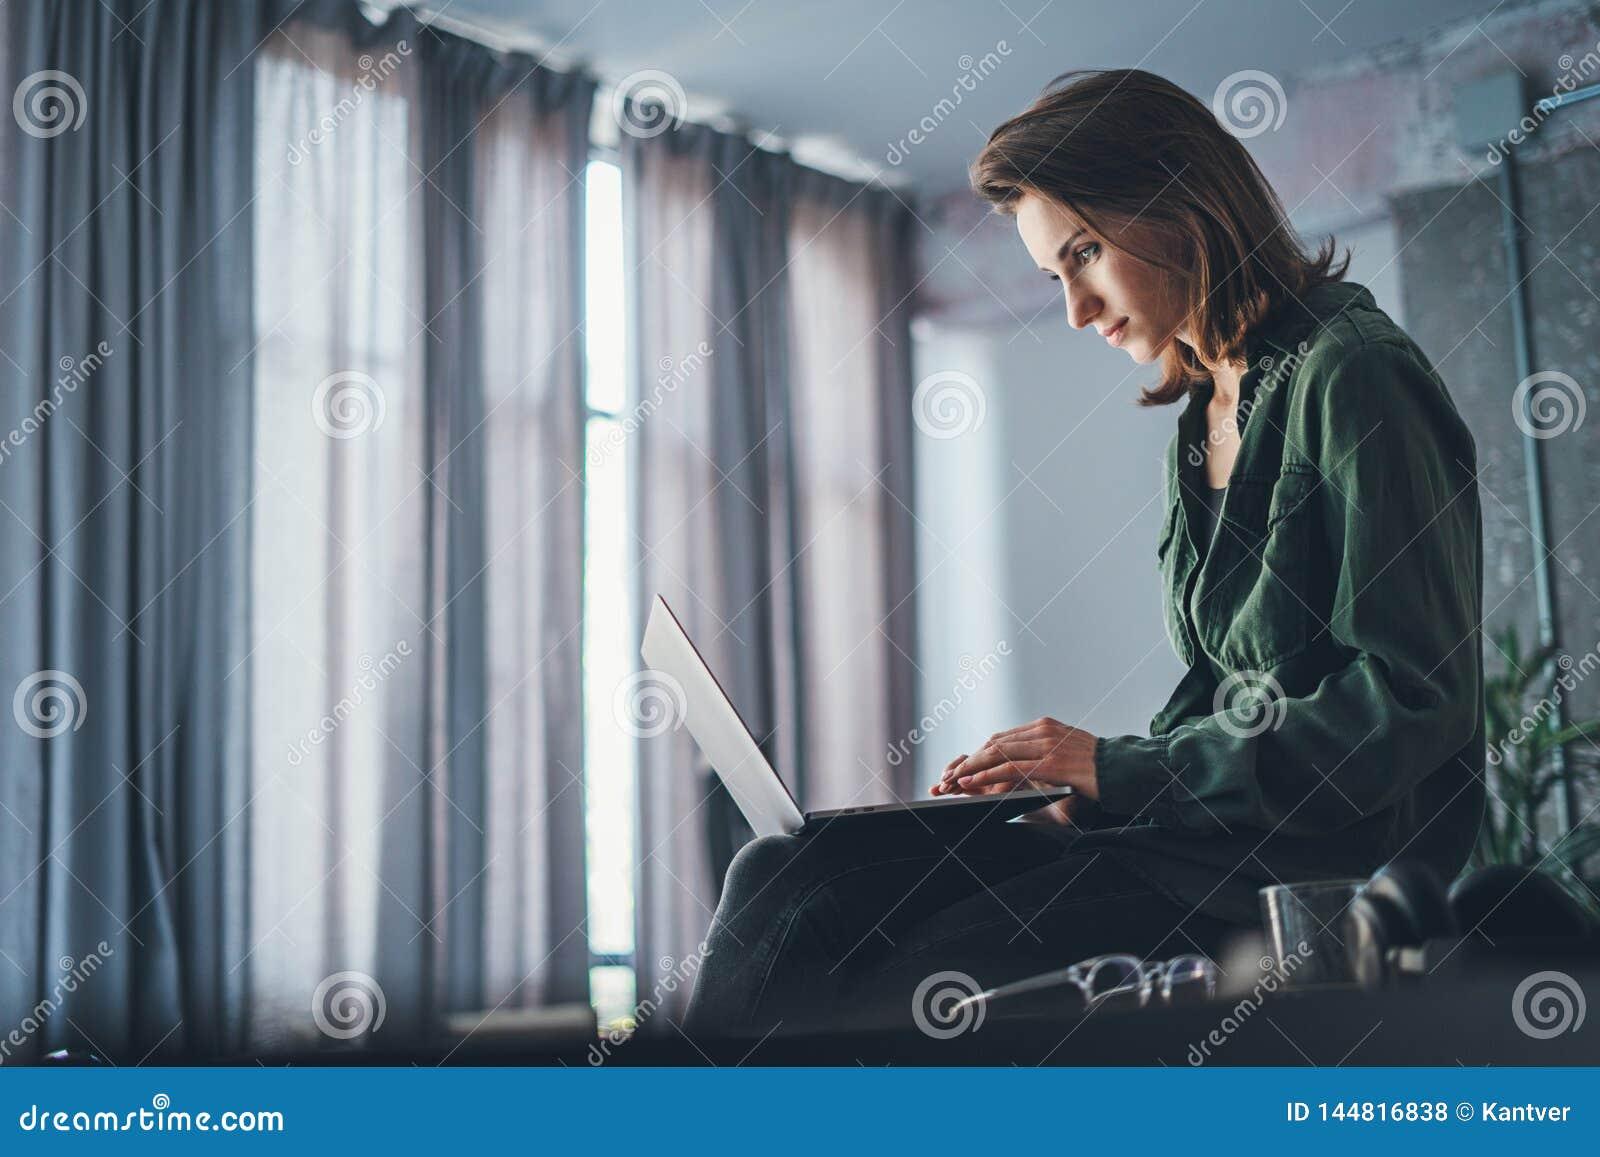 坐在桌上和使用手提电脑的英俊的女性工友 r ??